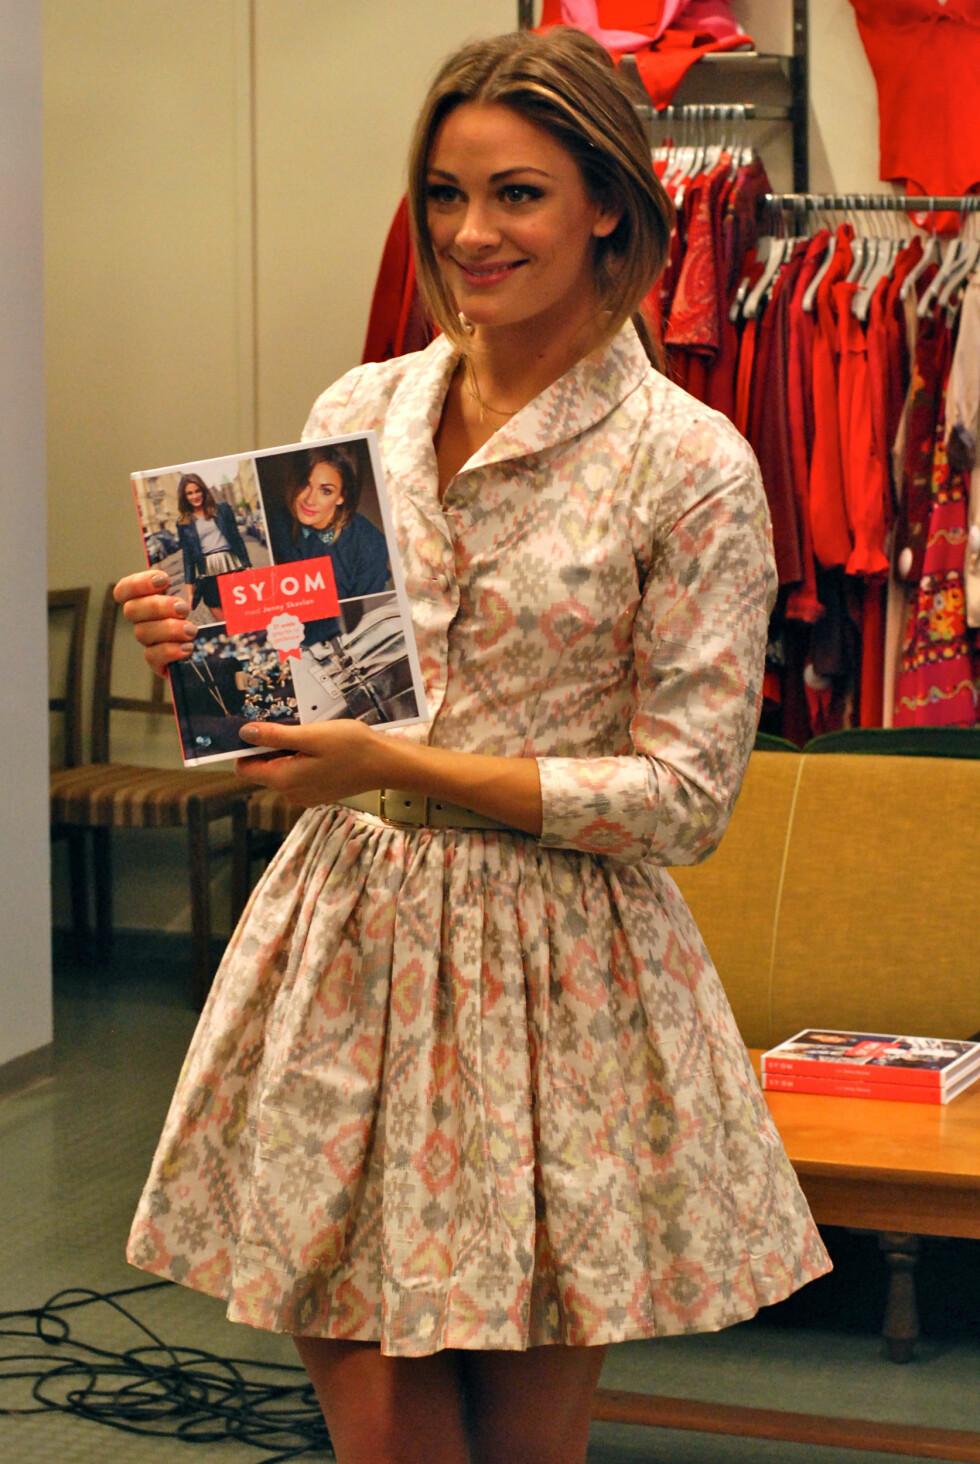 KK traff Jenny da hun lanserte sin egen Sy Om-bok i 2012. Foto: Aina Kristiansen